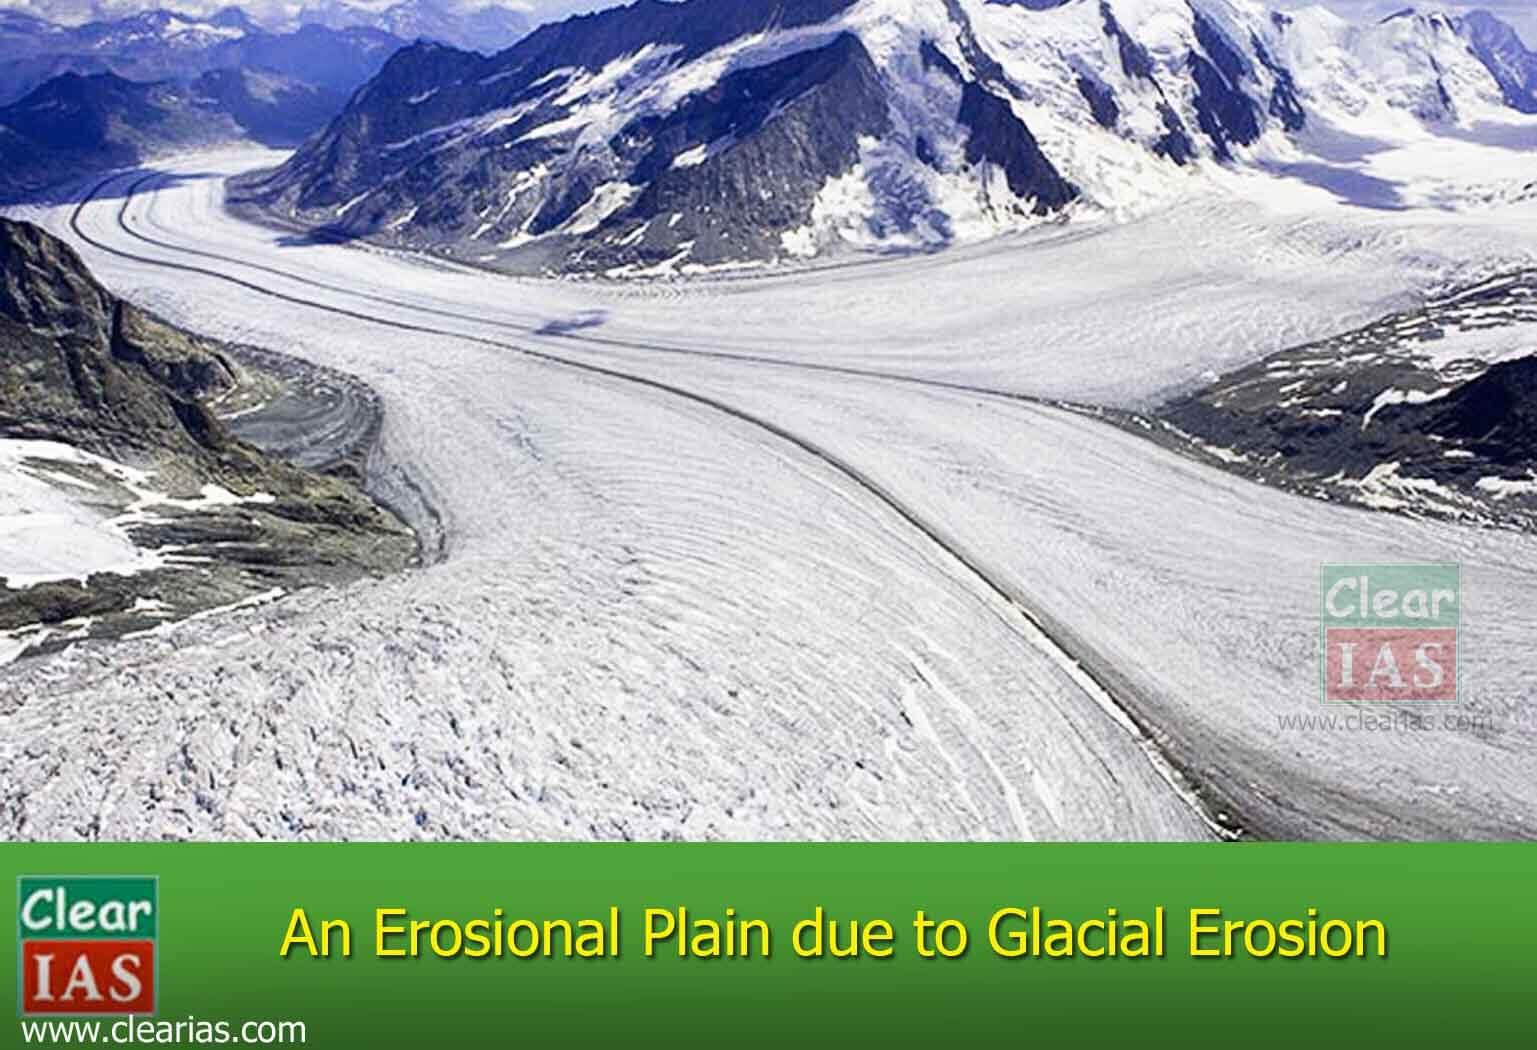 Erosional Plain